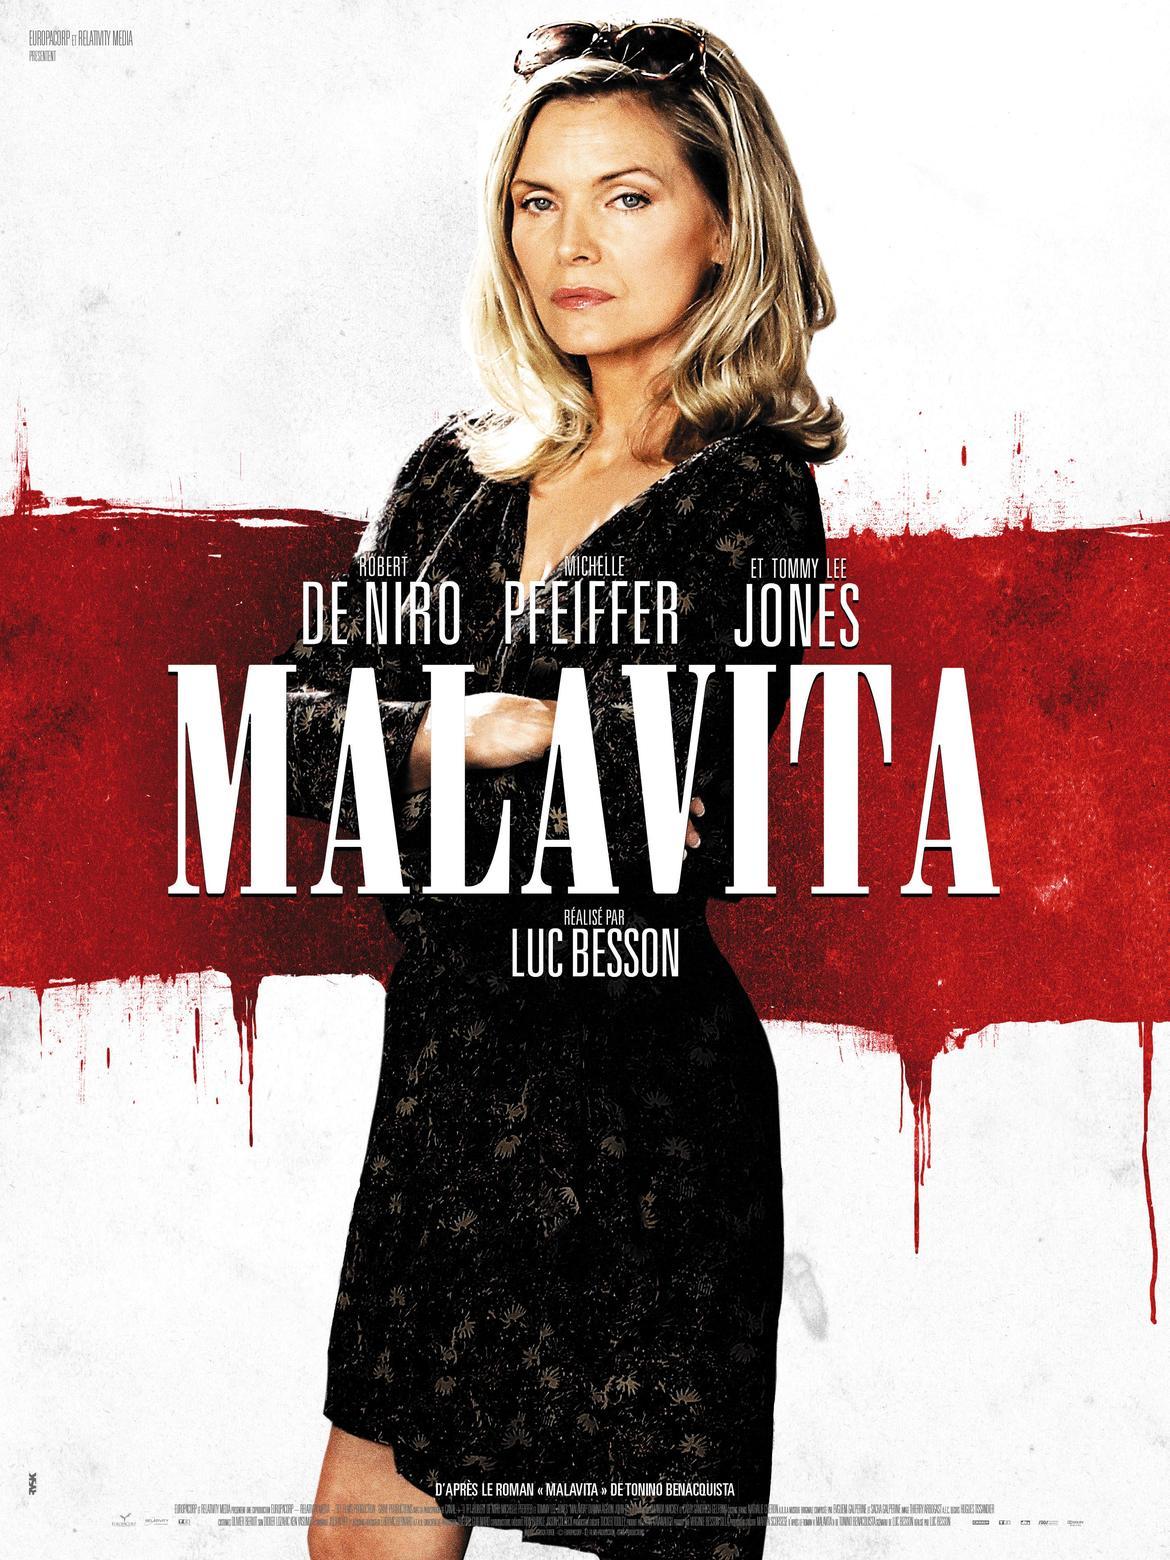 Découvrez la bande annonce de Malavita, le prochain film de Luc Besson avec Robert de Niro et Michelle Pfeiffer 3